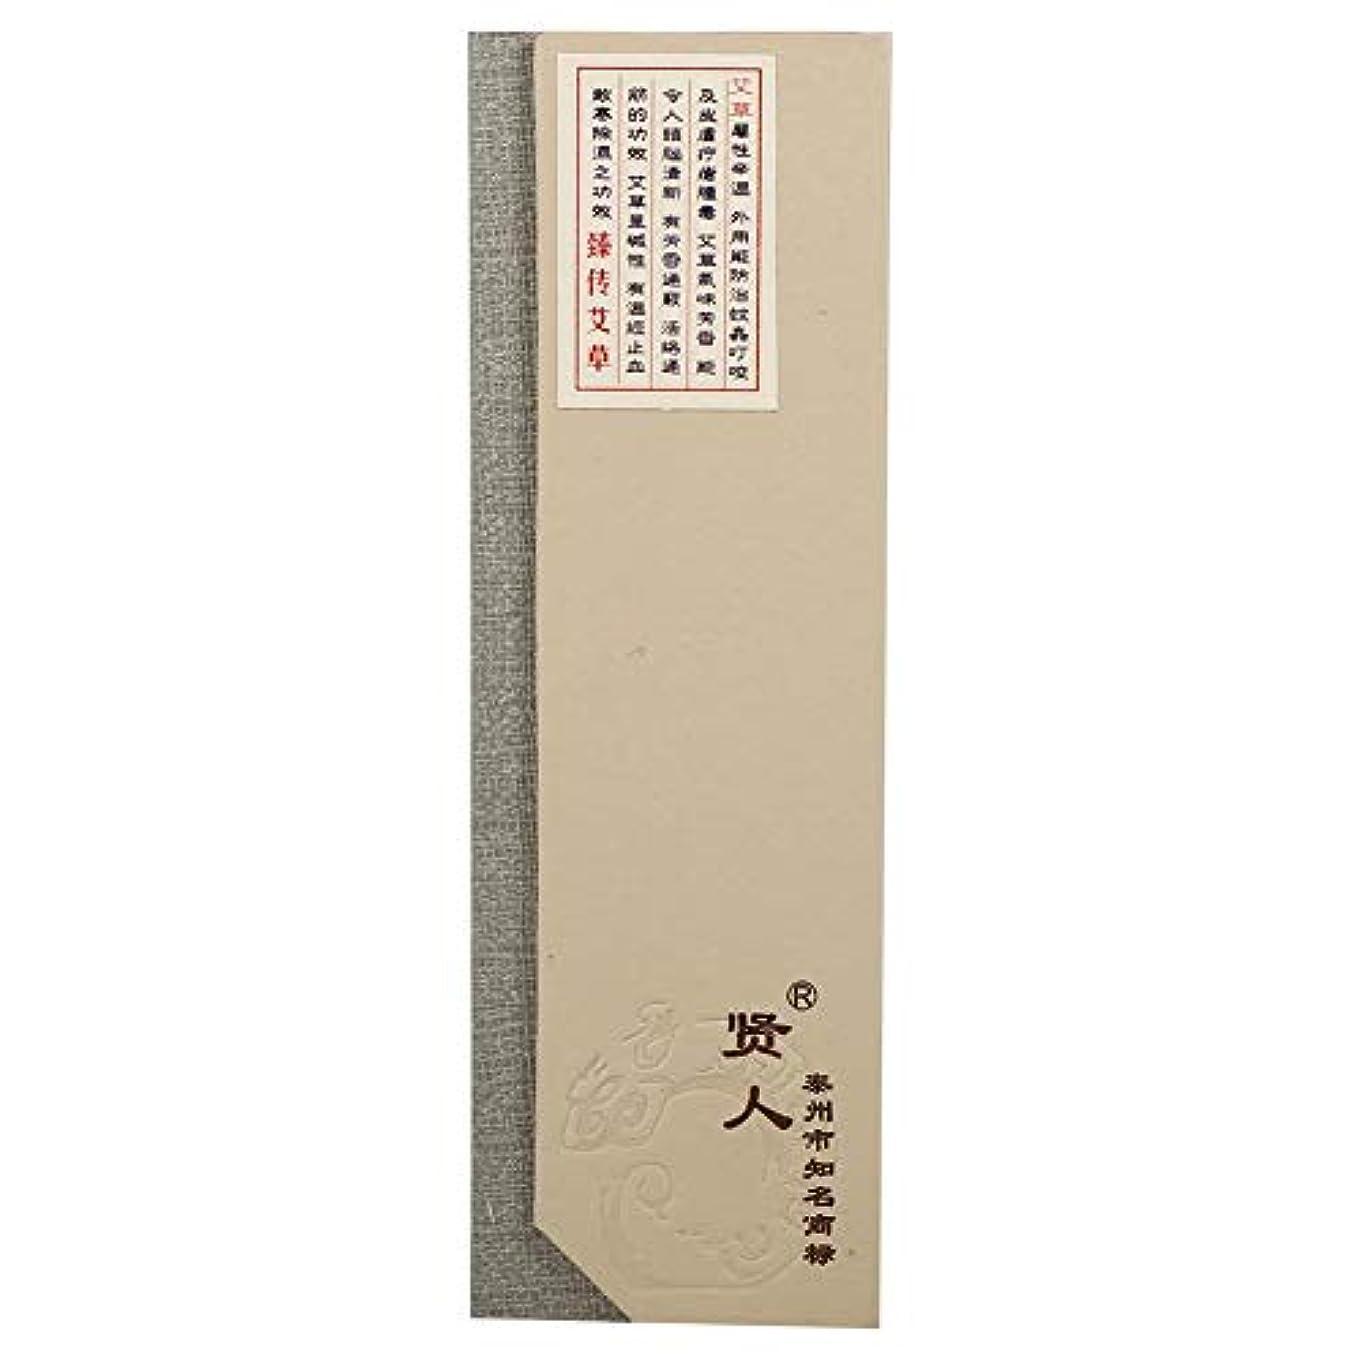 相談する釈義風邪をひく180ピース/パック自然香スティック、東洋仏教の香り自然香スティック+ケースサンダルウッド家、SPA、浴室、オフィス(#2(よもぎ香))